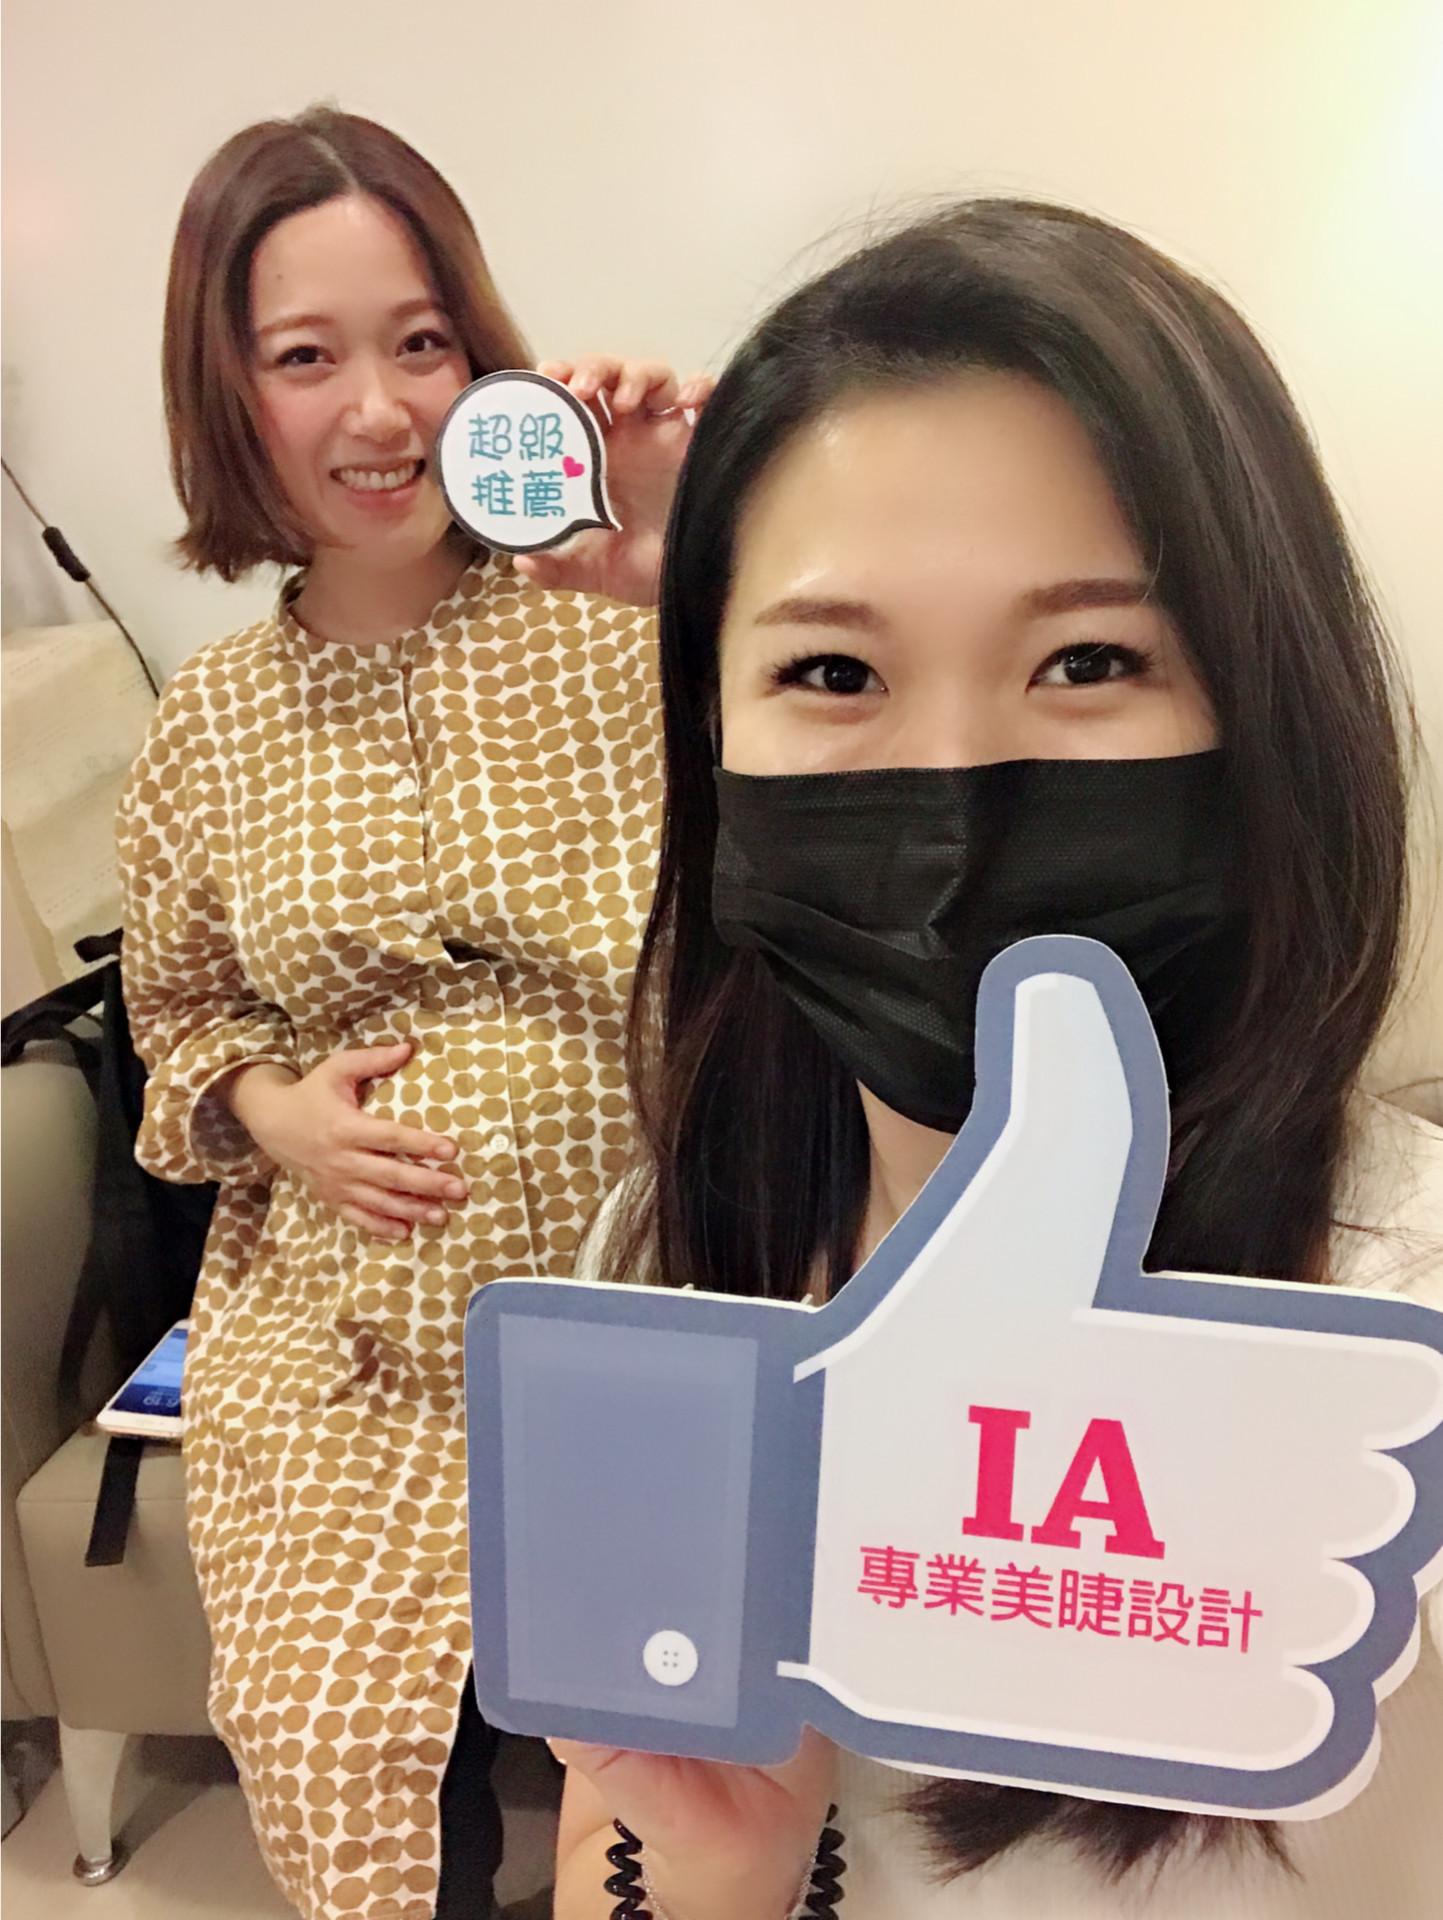 孕婦接睫毛/懷孕接睫毛實際作品分享2-IA專業美睫設計